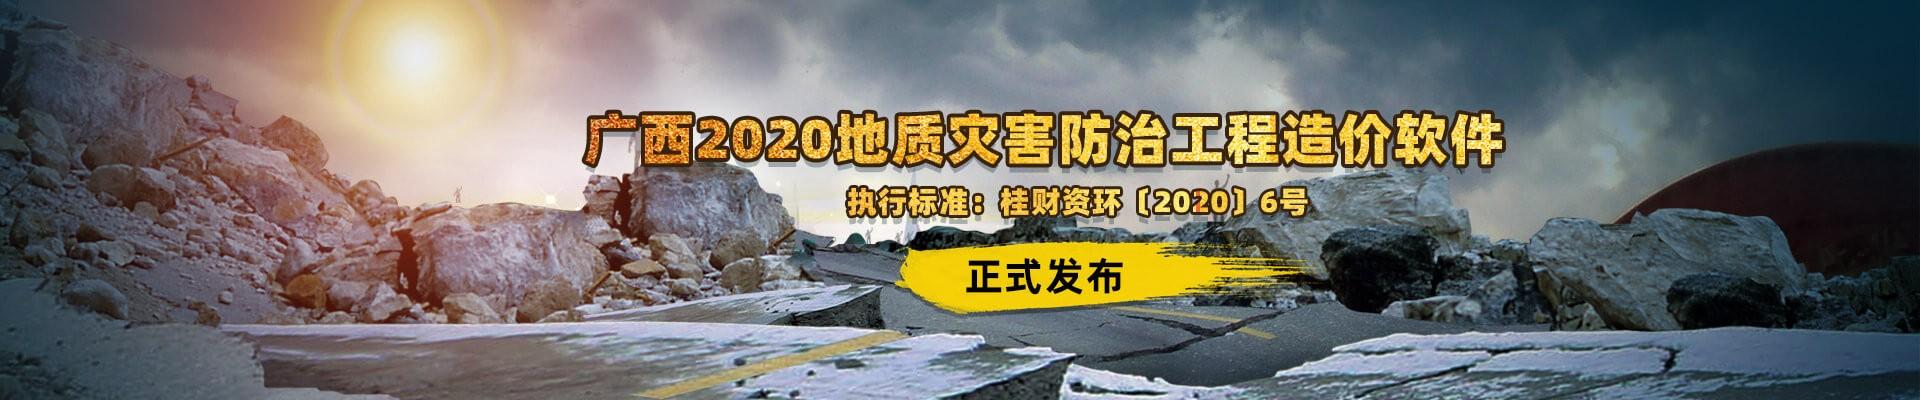 广西地质灾害防治工程造价软件正式发布